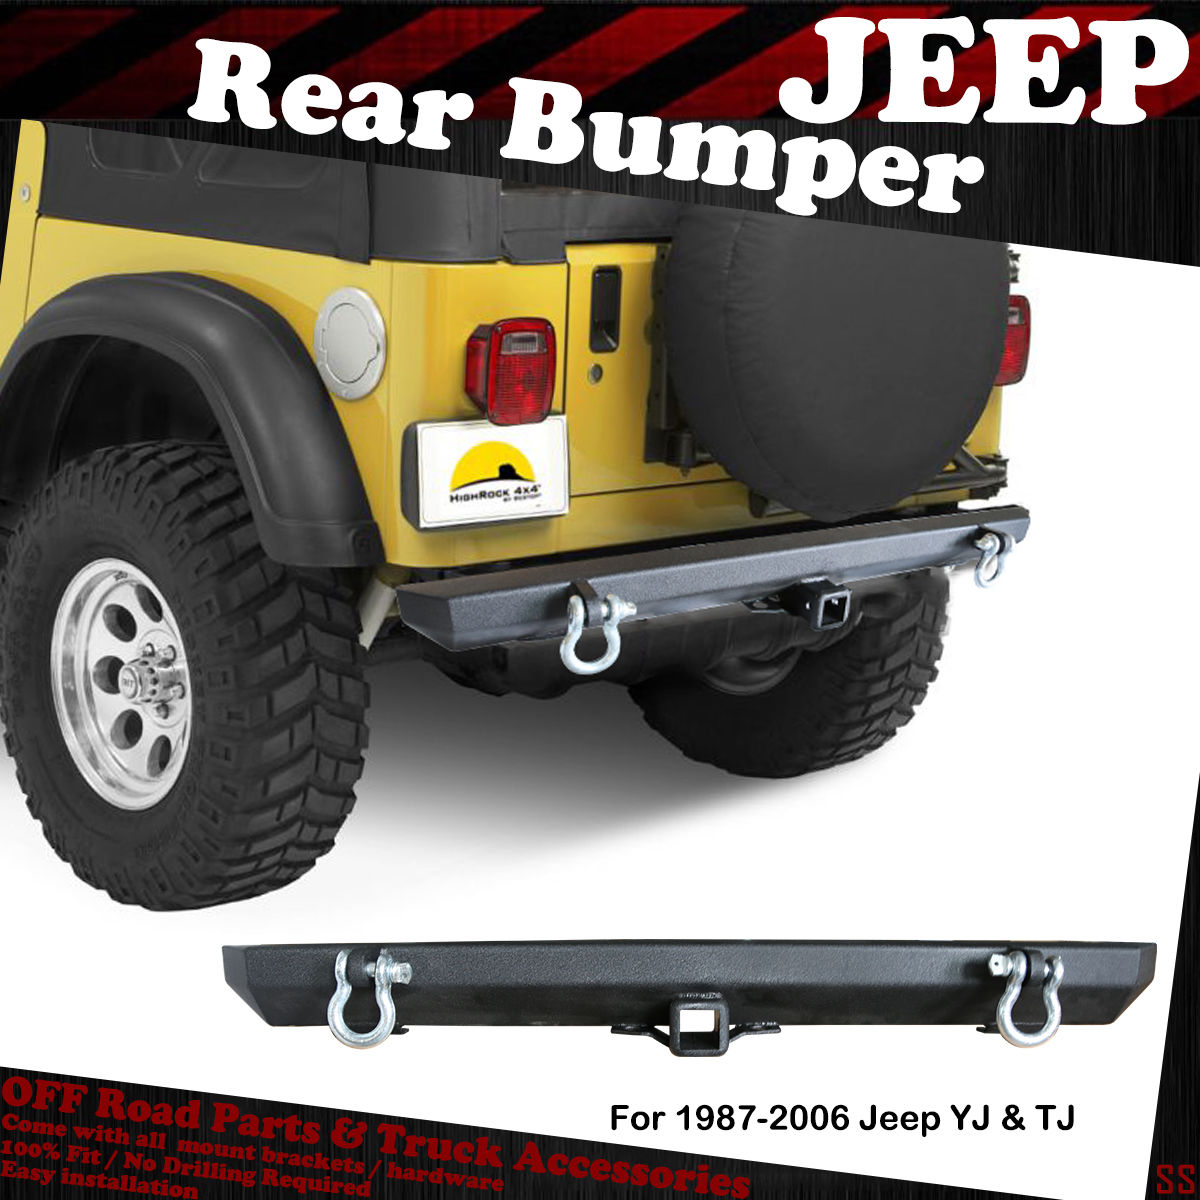 YJ Black Textured Rear Bumper Guard Fit 1987-2006 Jeep Wrangler TJ